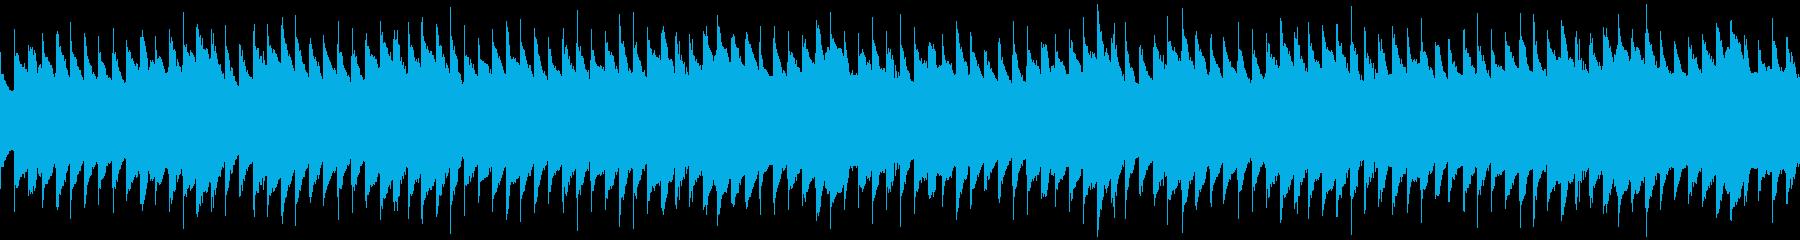 オルゴールアルペジオの再生済みの波形